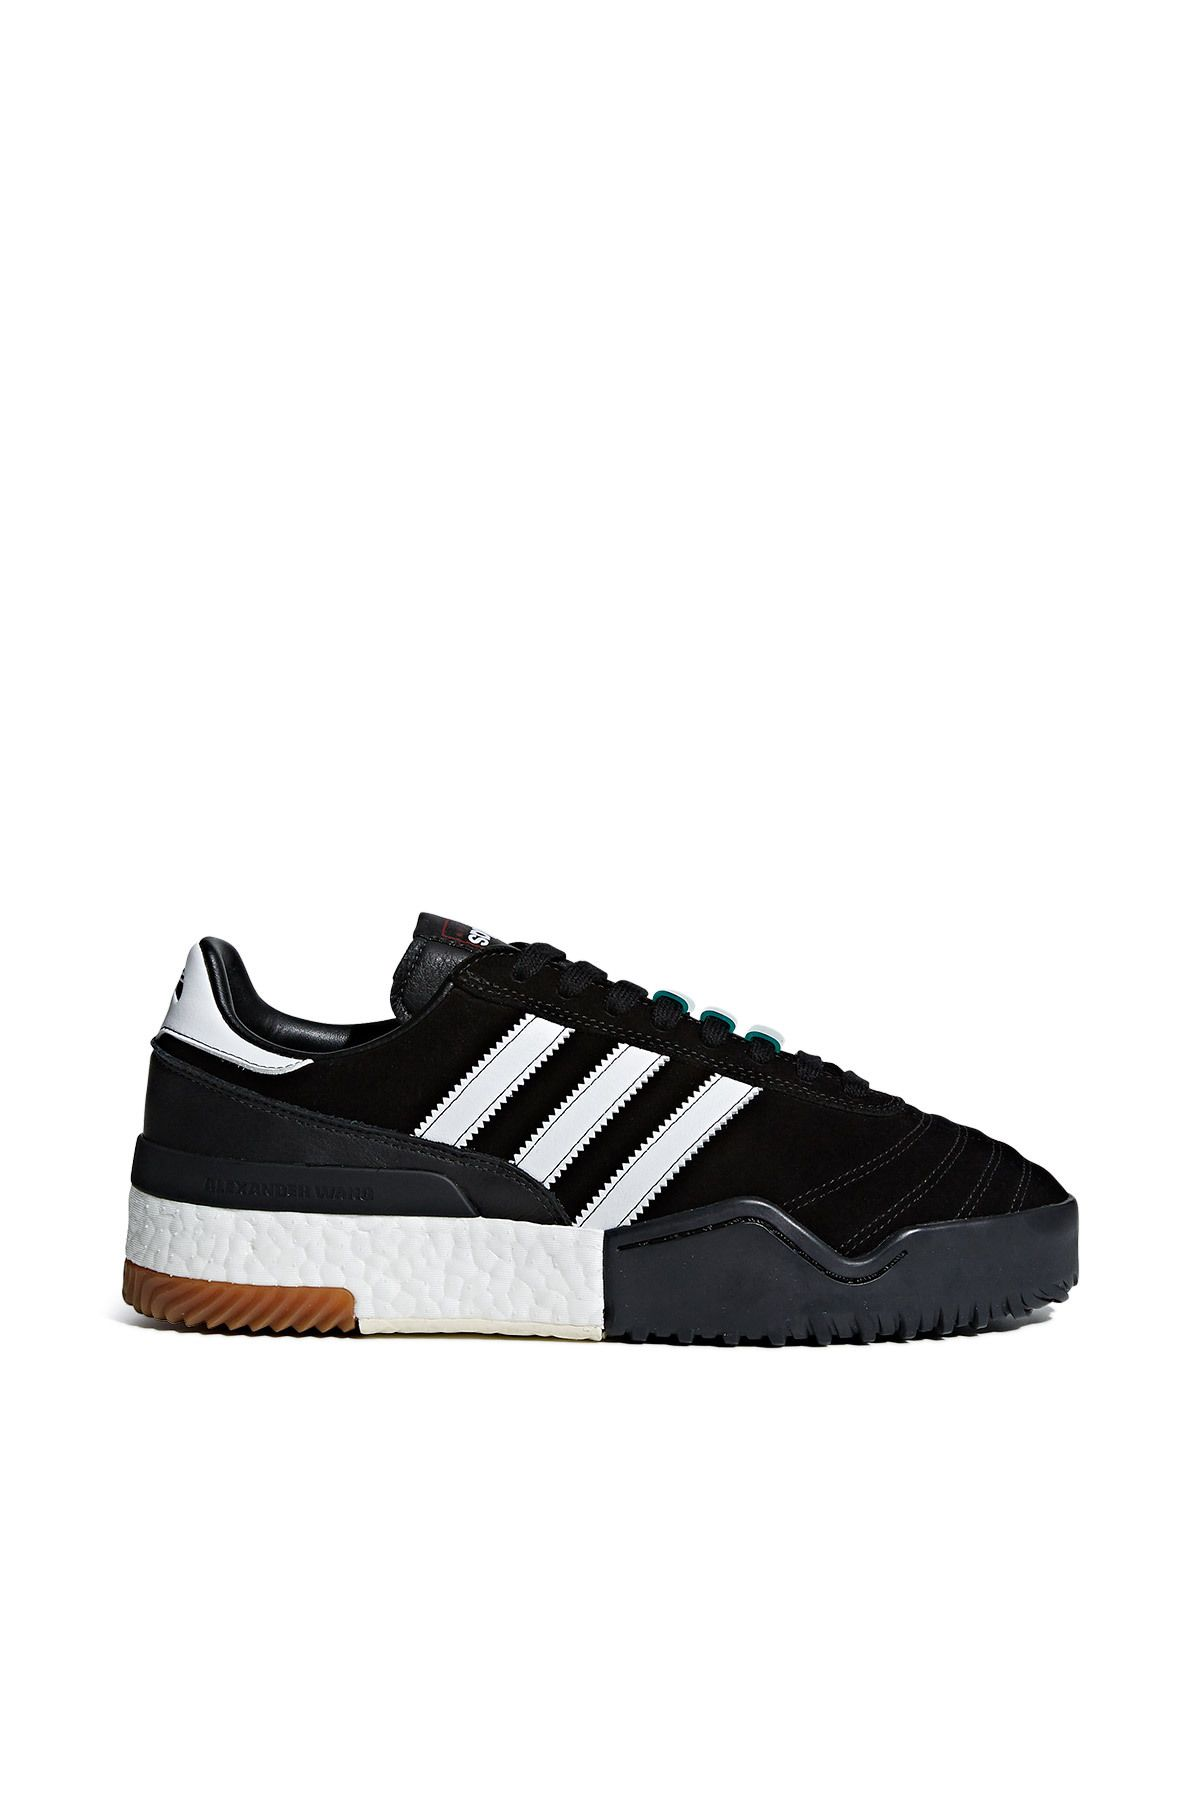 adidas schoenen heren 2018